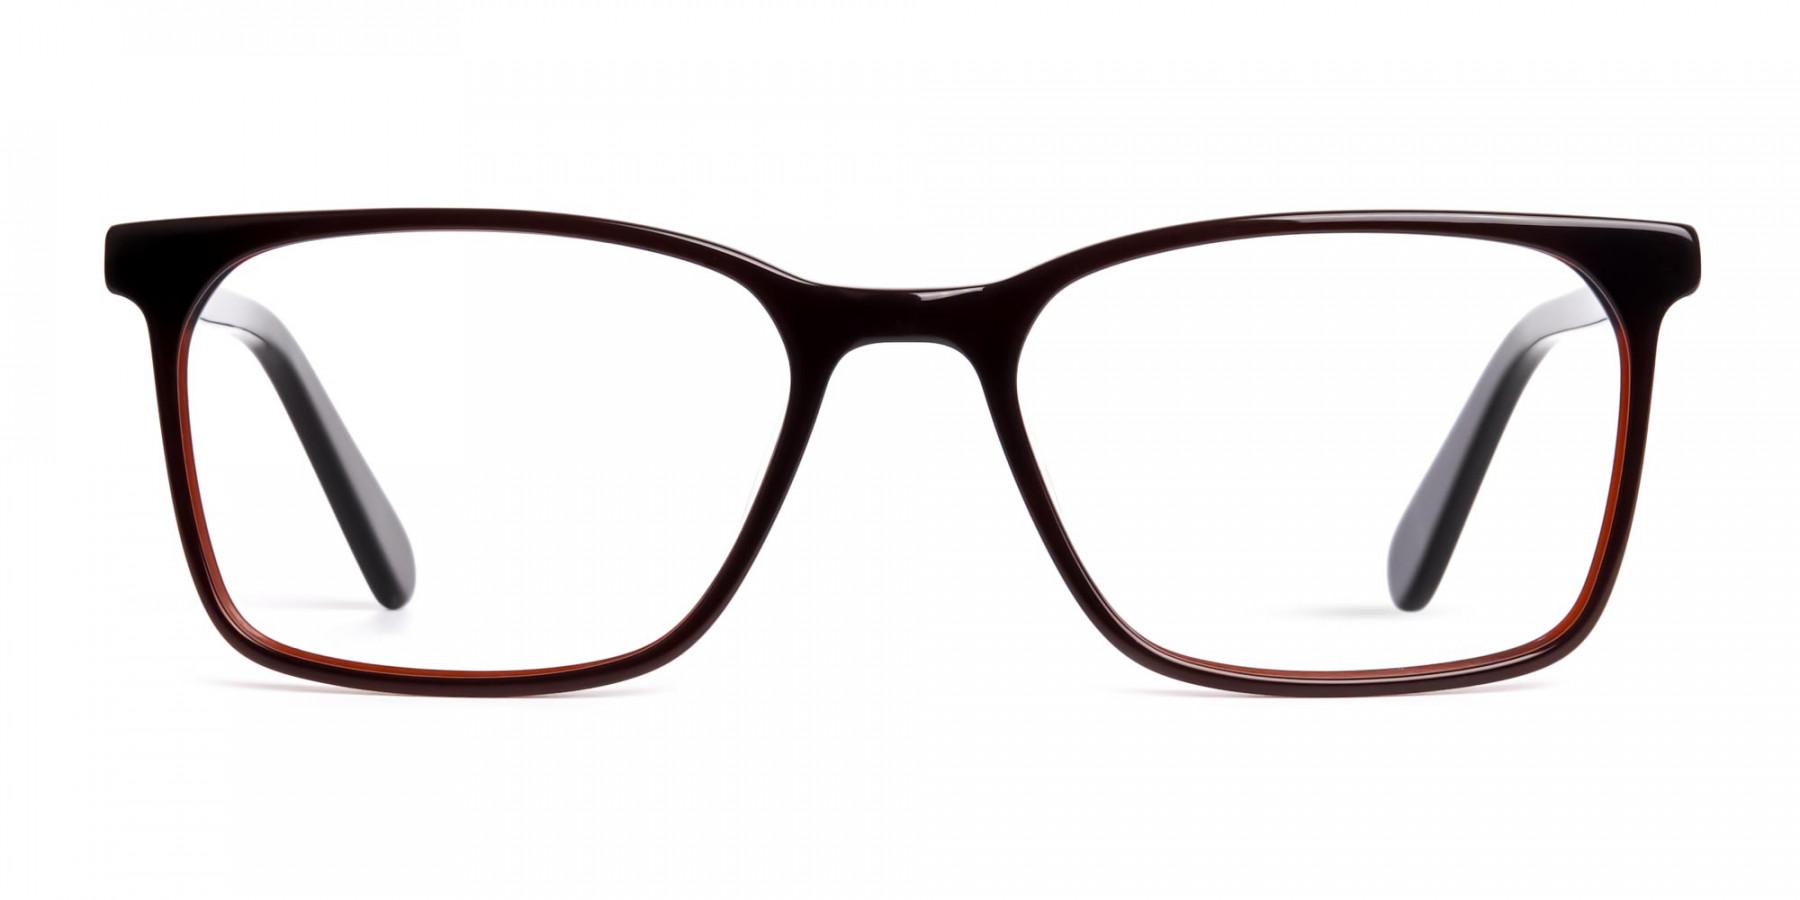 dark-brown-tortoise-shell-rectangular-glasses-frames-1